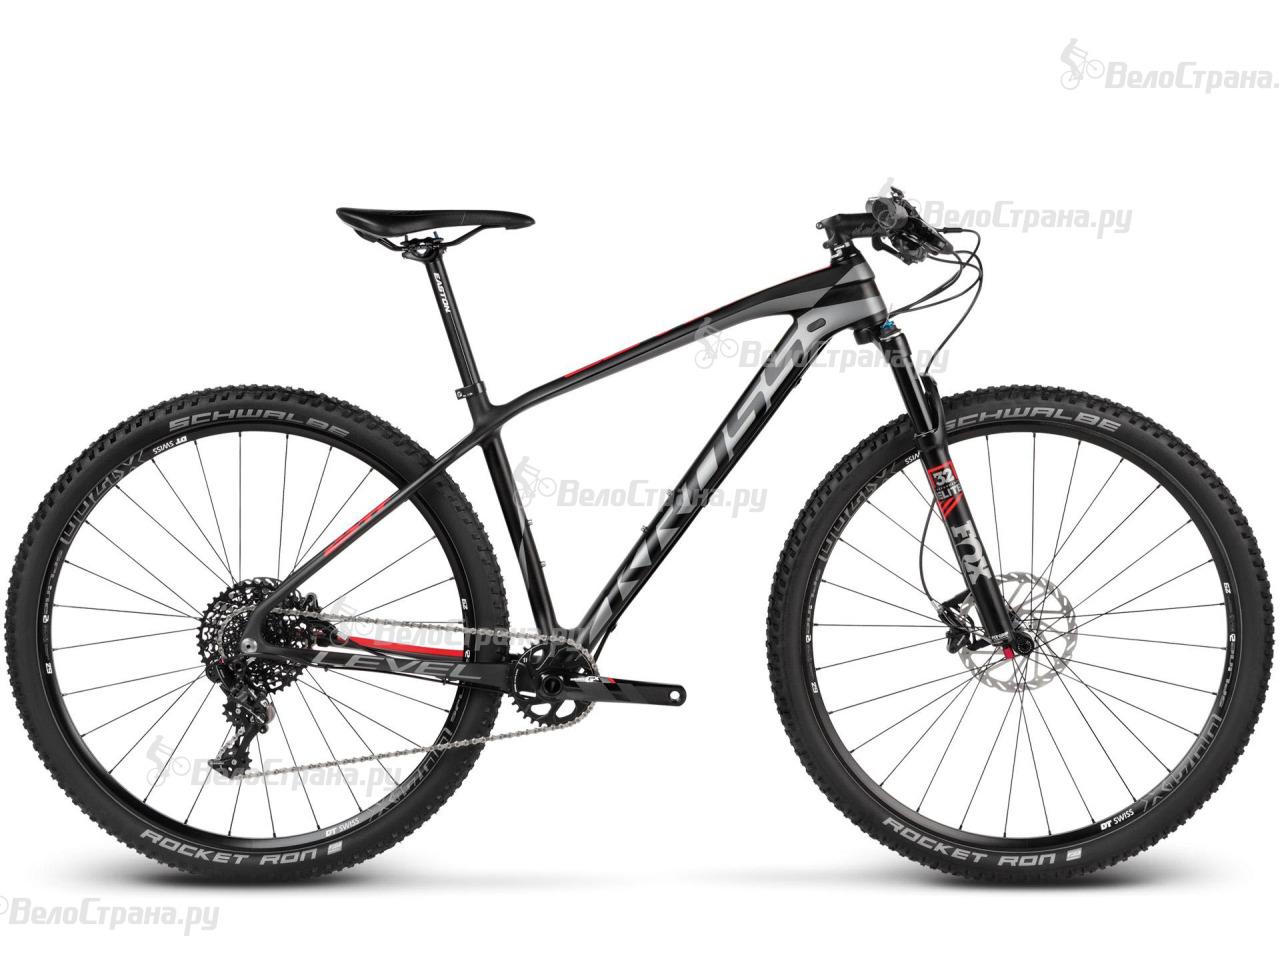 цена на Велосипед Kross Level B11 (2017)